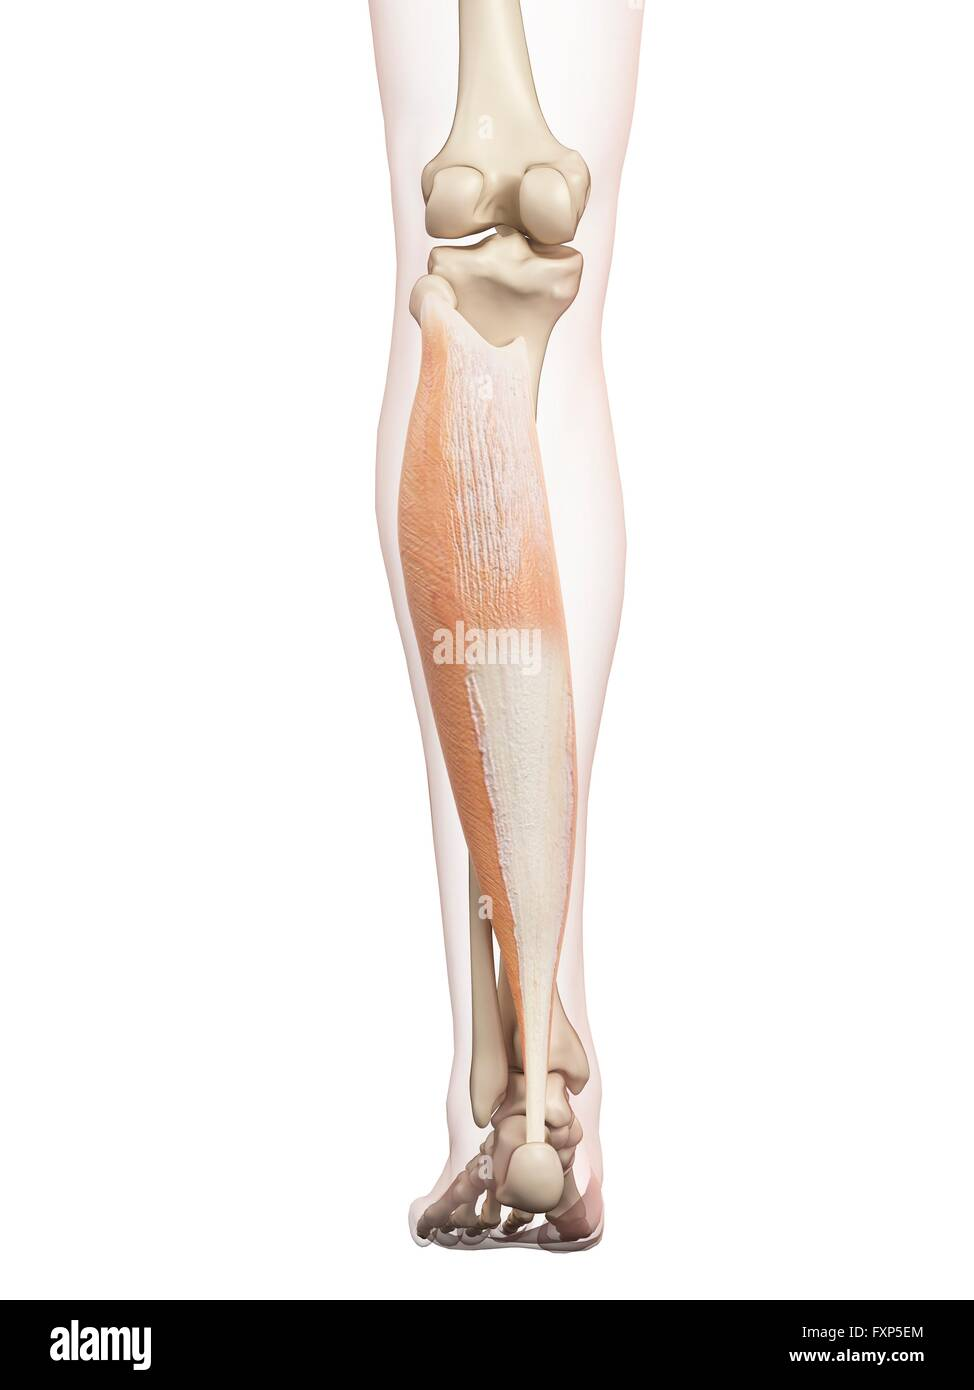 Wunderbar Menschliche Muskelanatomie Quiz Bilder - Anatomie Ideen ...